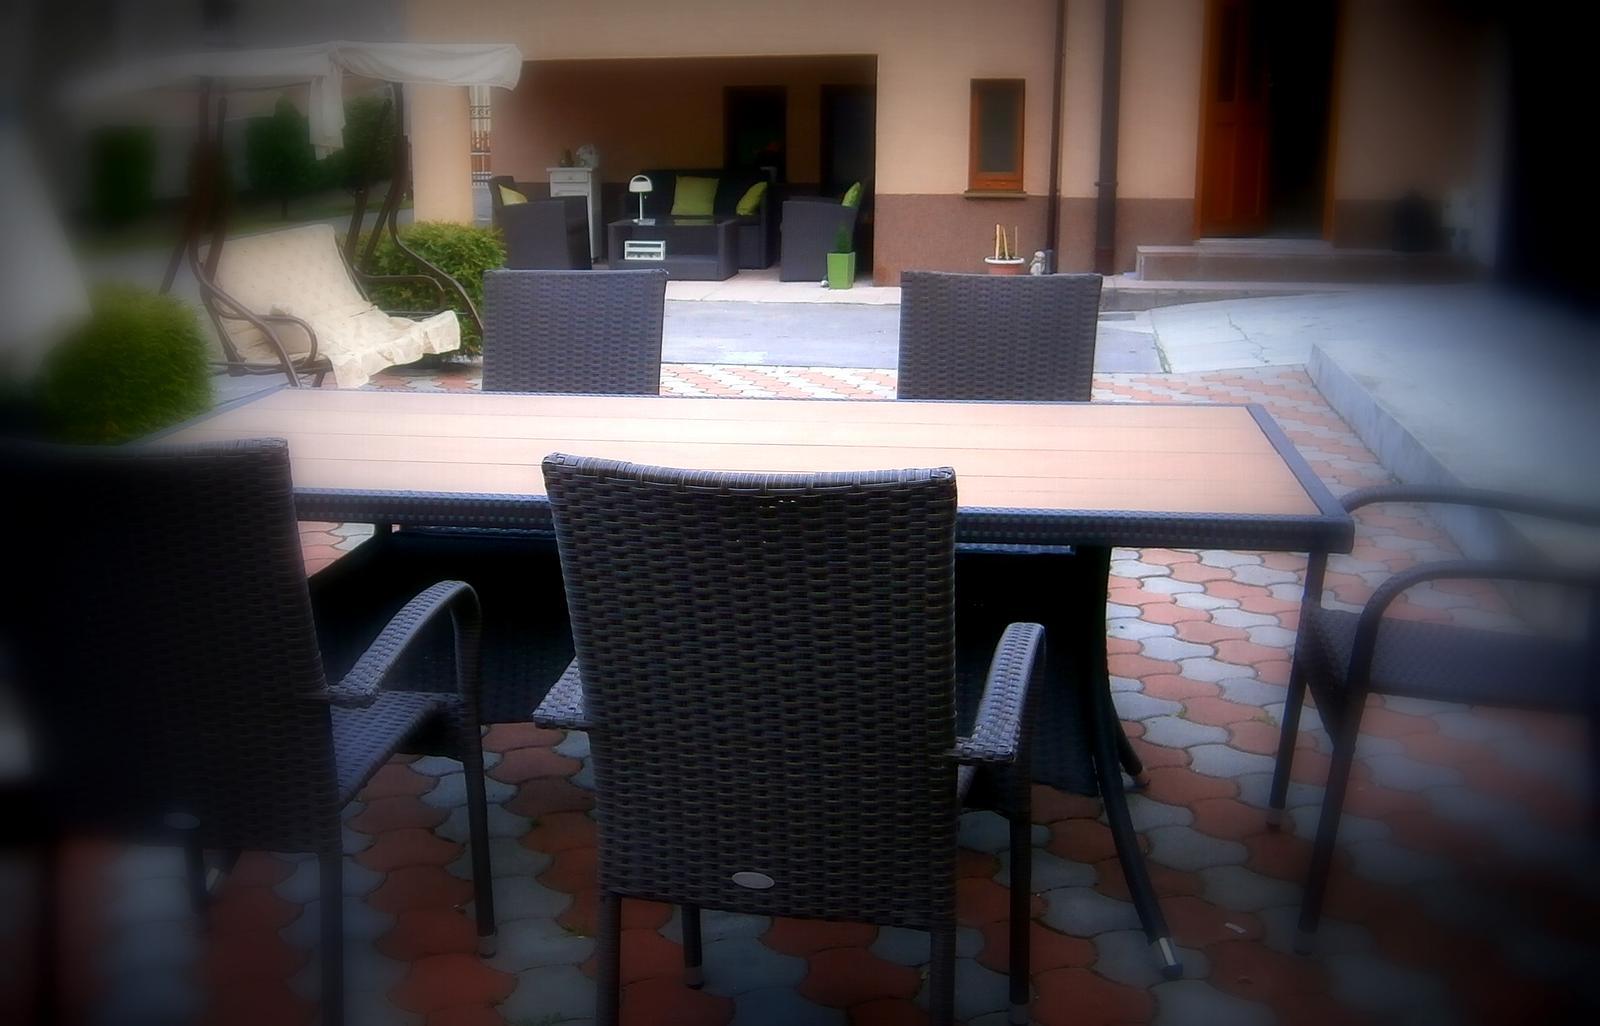 Súčasť domu-záhrada alebo, zelená je dobrá... - konečne som vymenila malý stôl ku grilovaniu za pekný dvojmetrový....